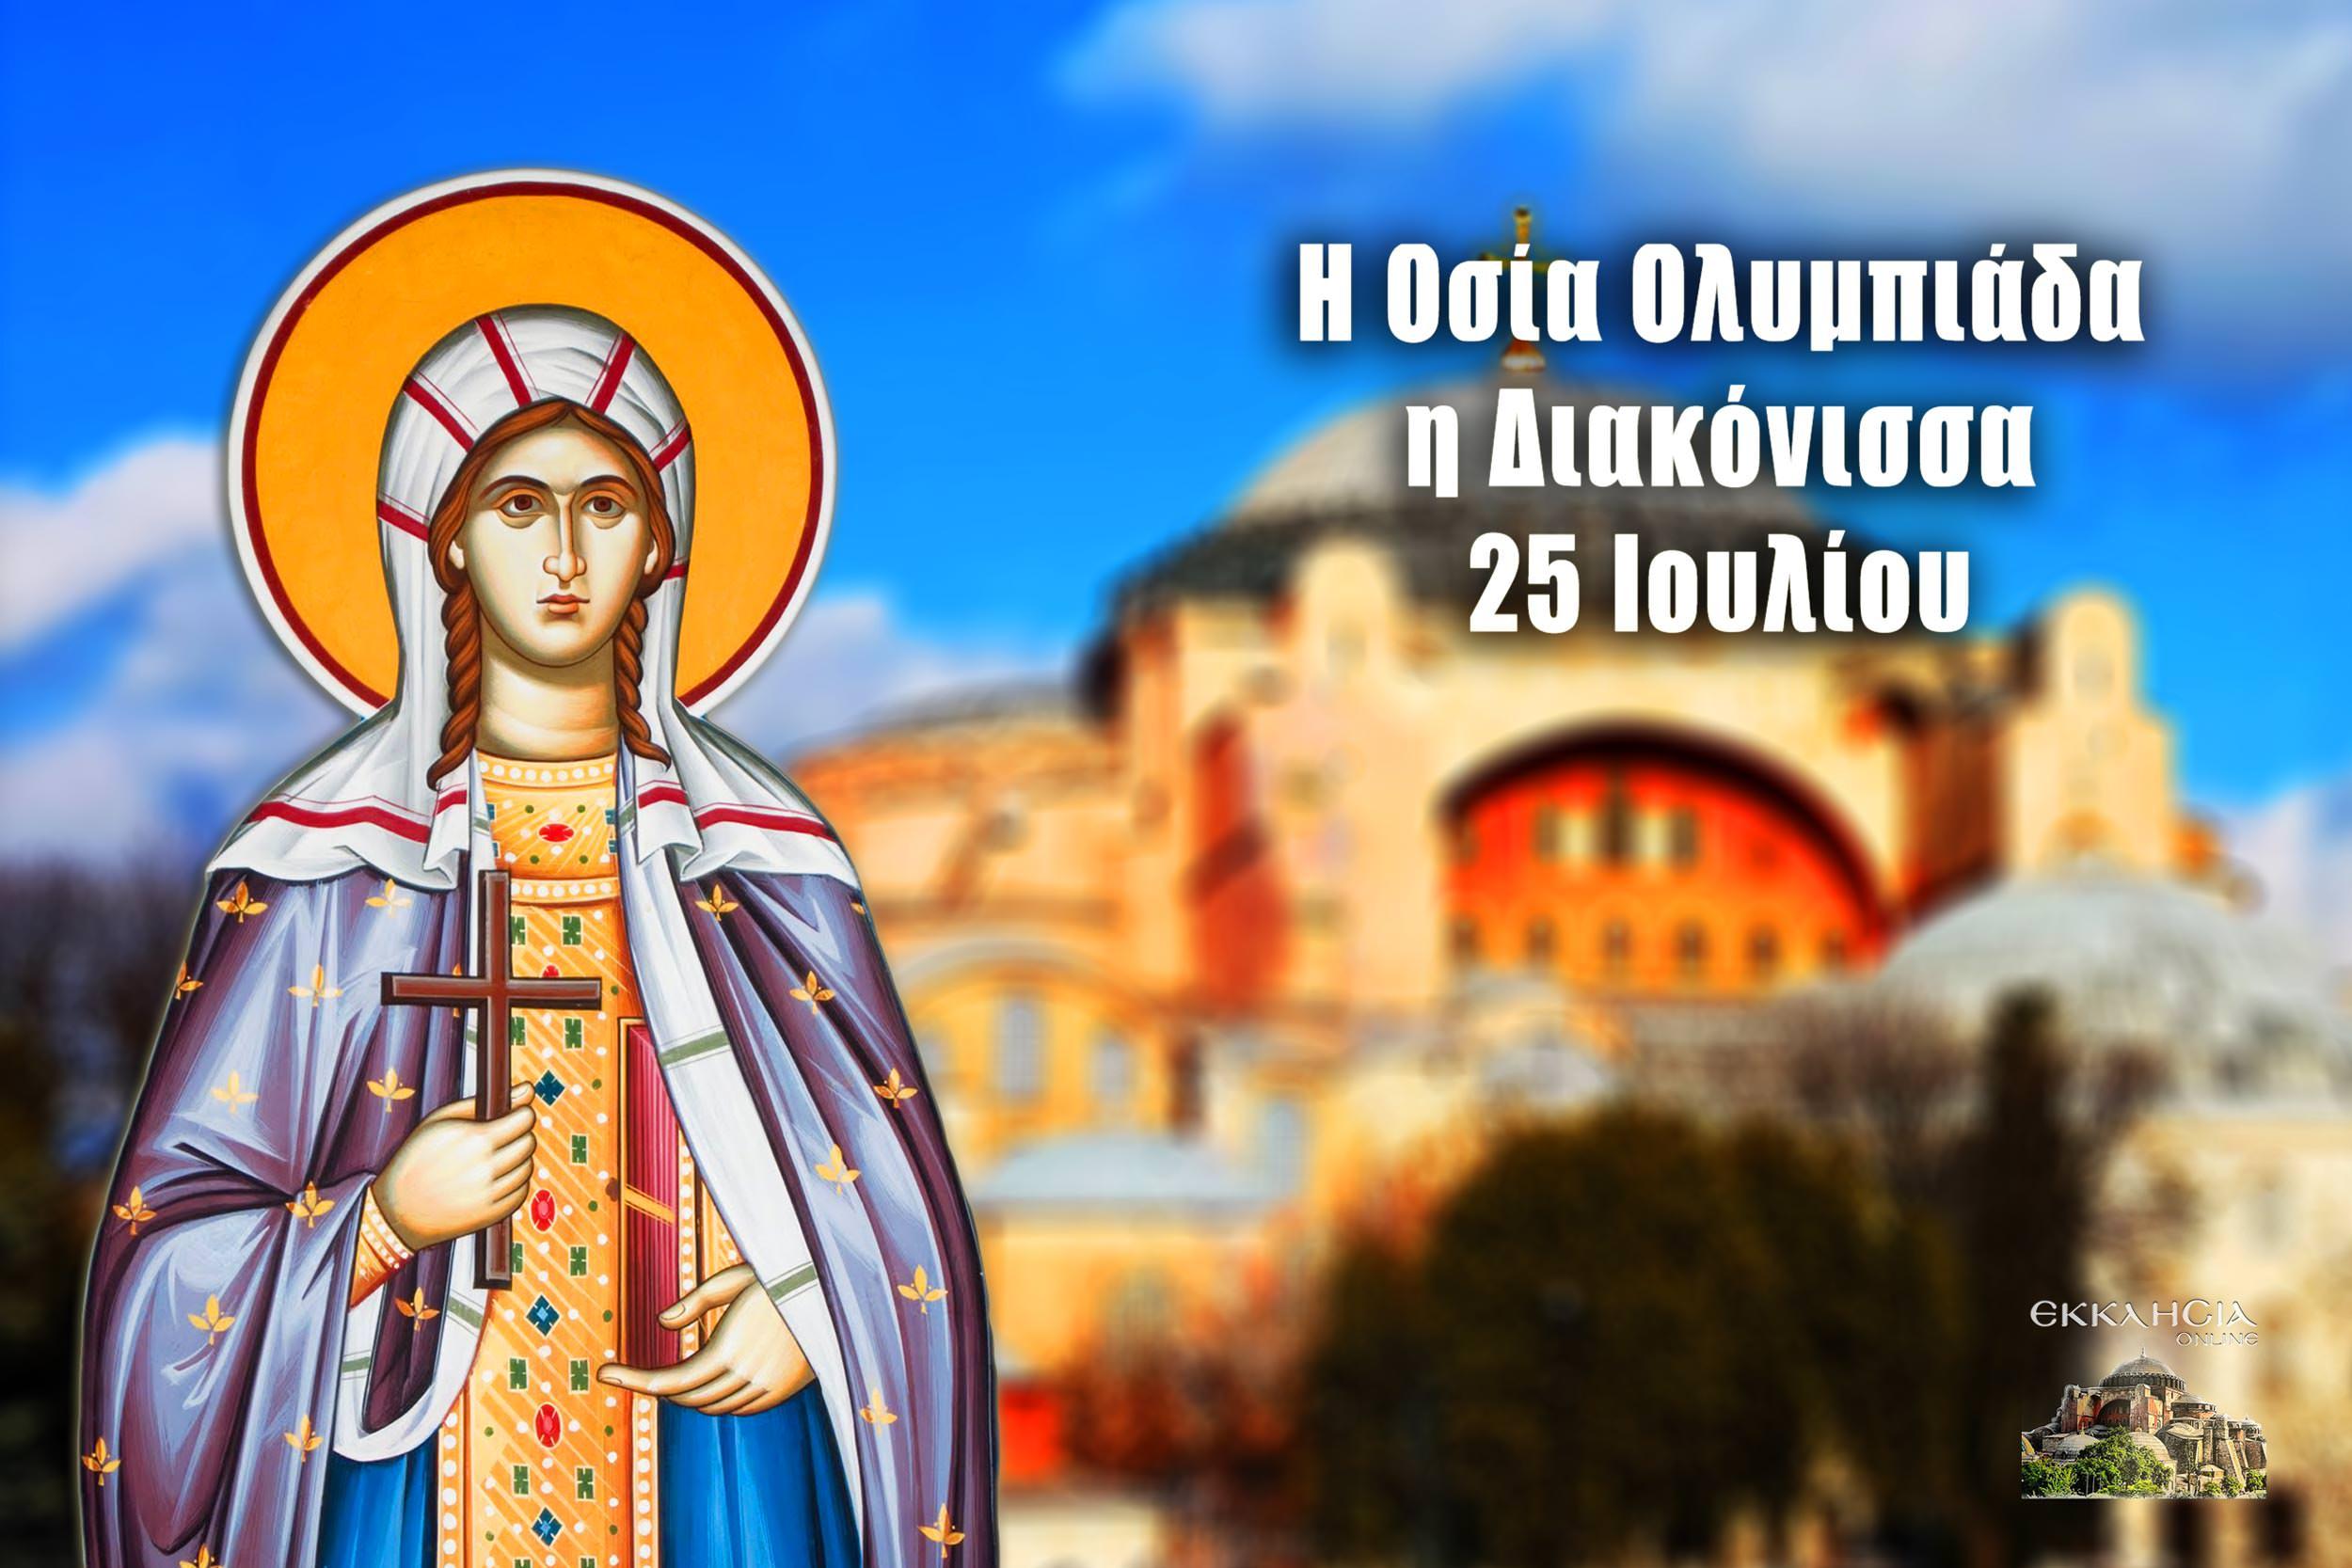 Οσία Ολυμπιάδα η Διακόνισσα 25 Ιουλίου